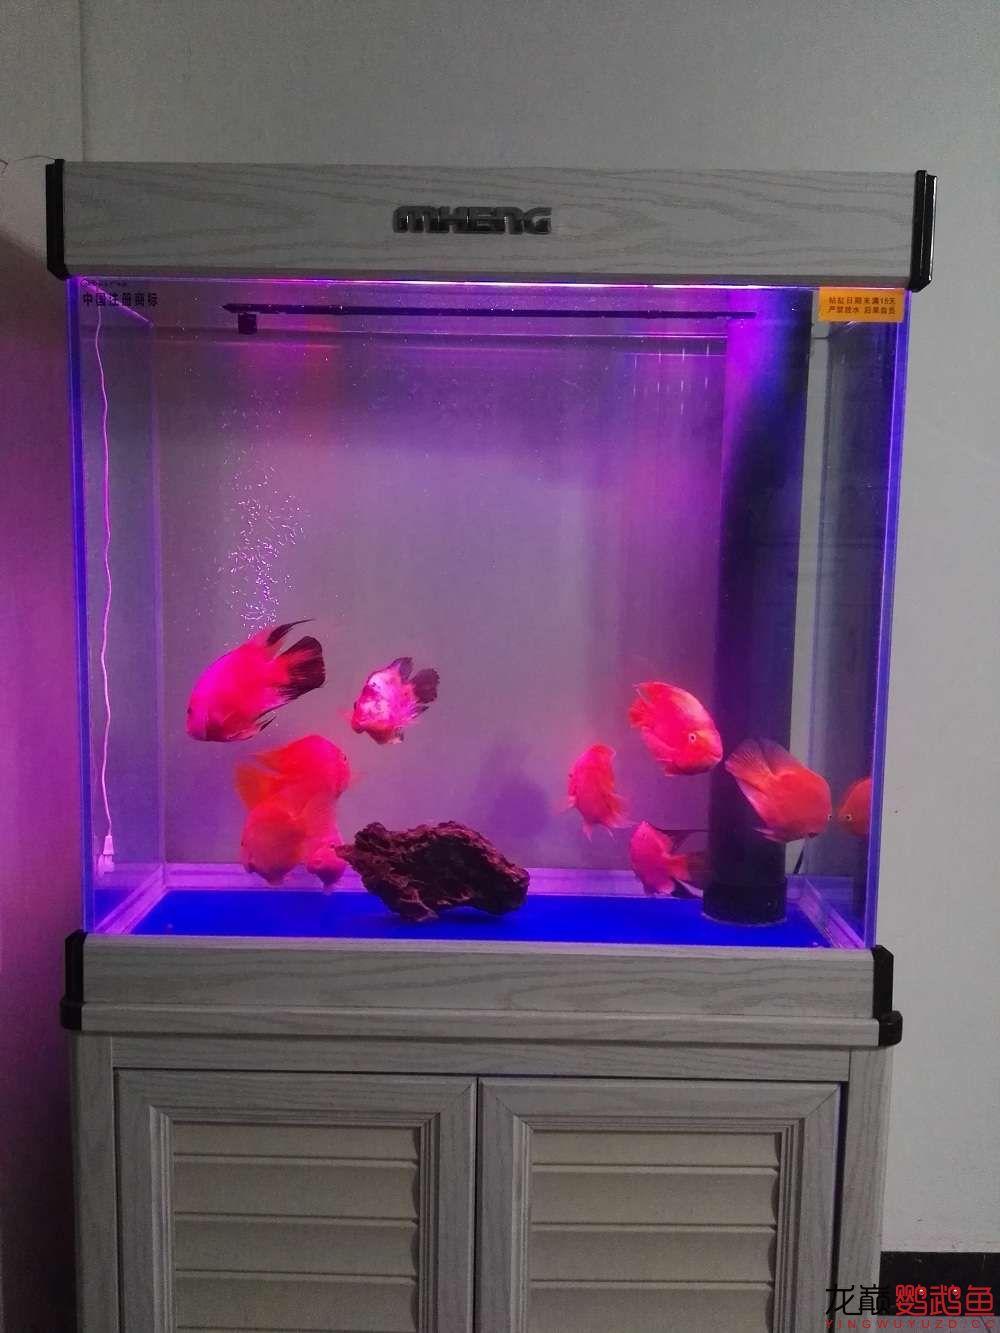 吉印刀锋S鹦鹉鱼LED引色灯水中贵族的体验 北京龙鱼论坛 北京龙鱼第21张